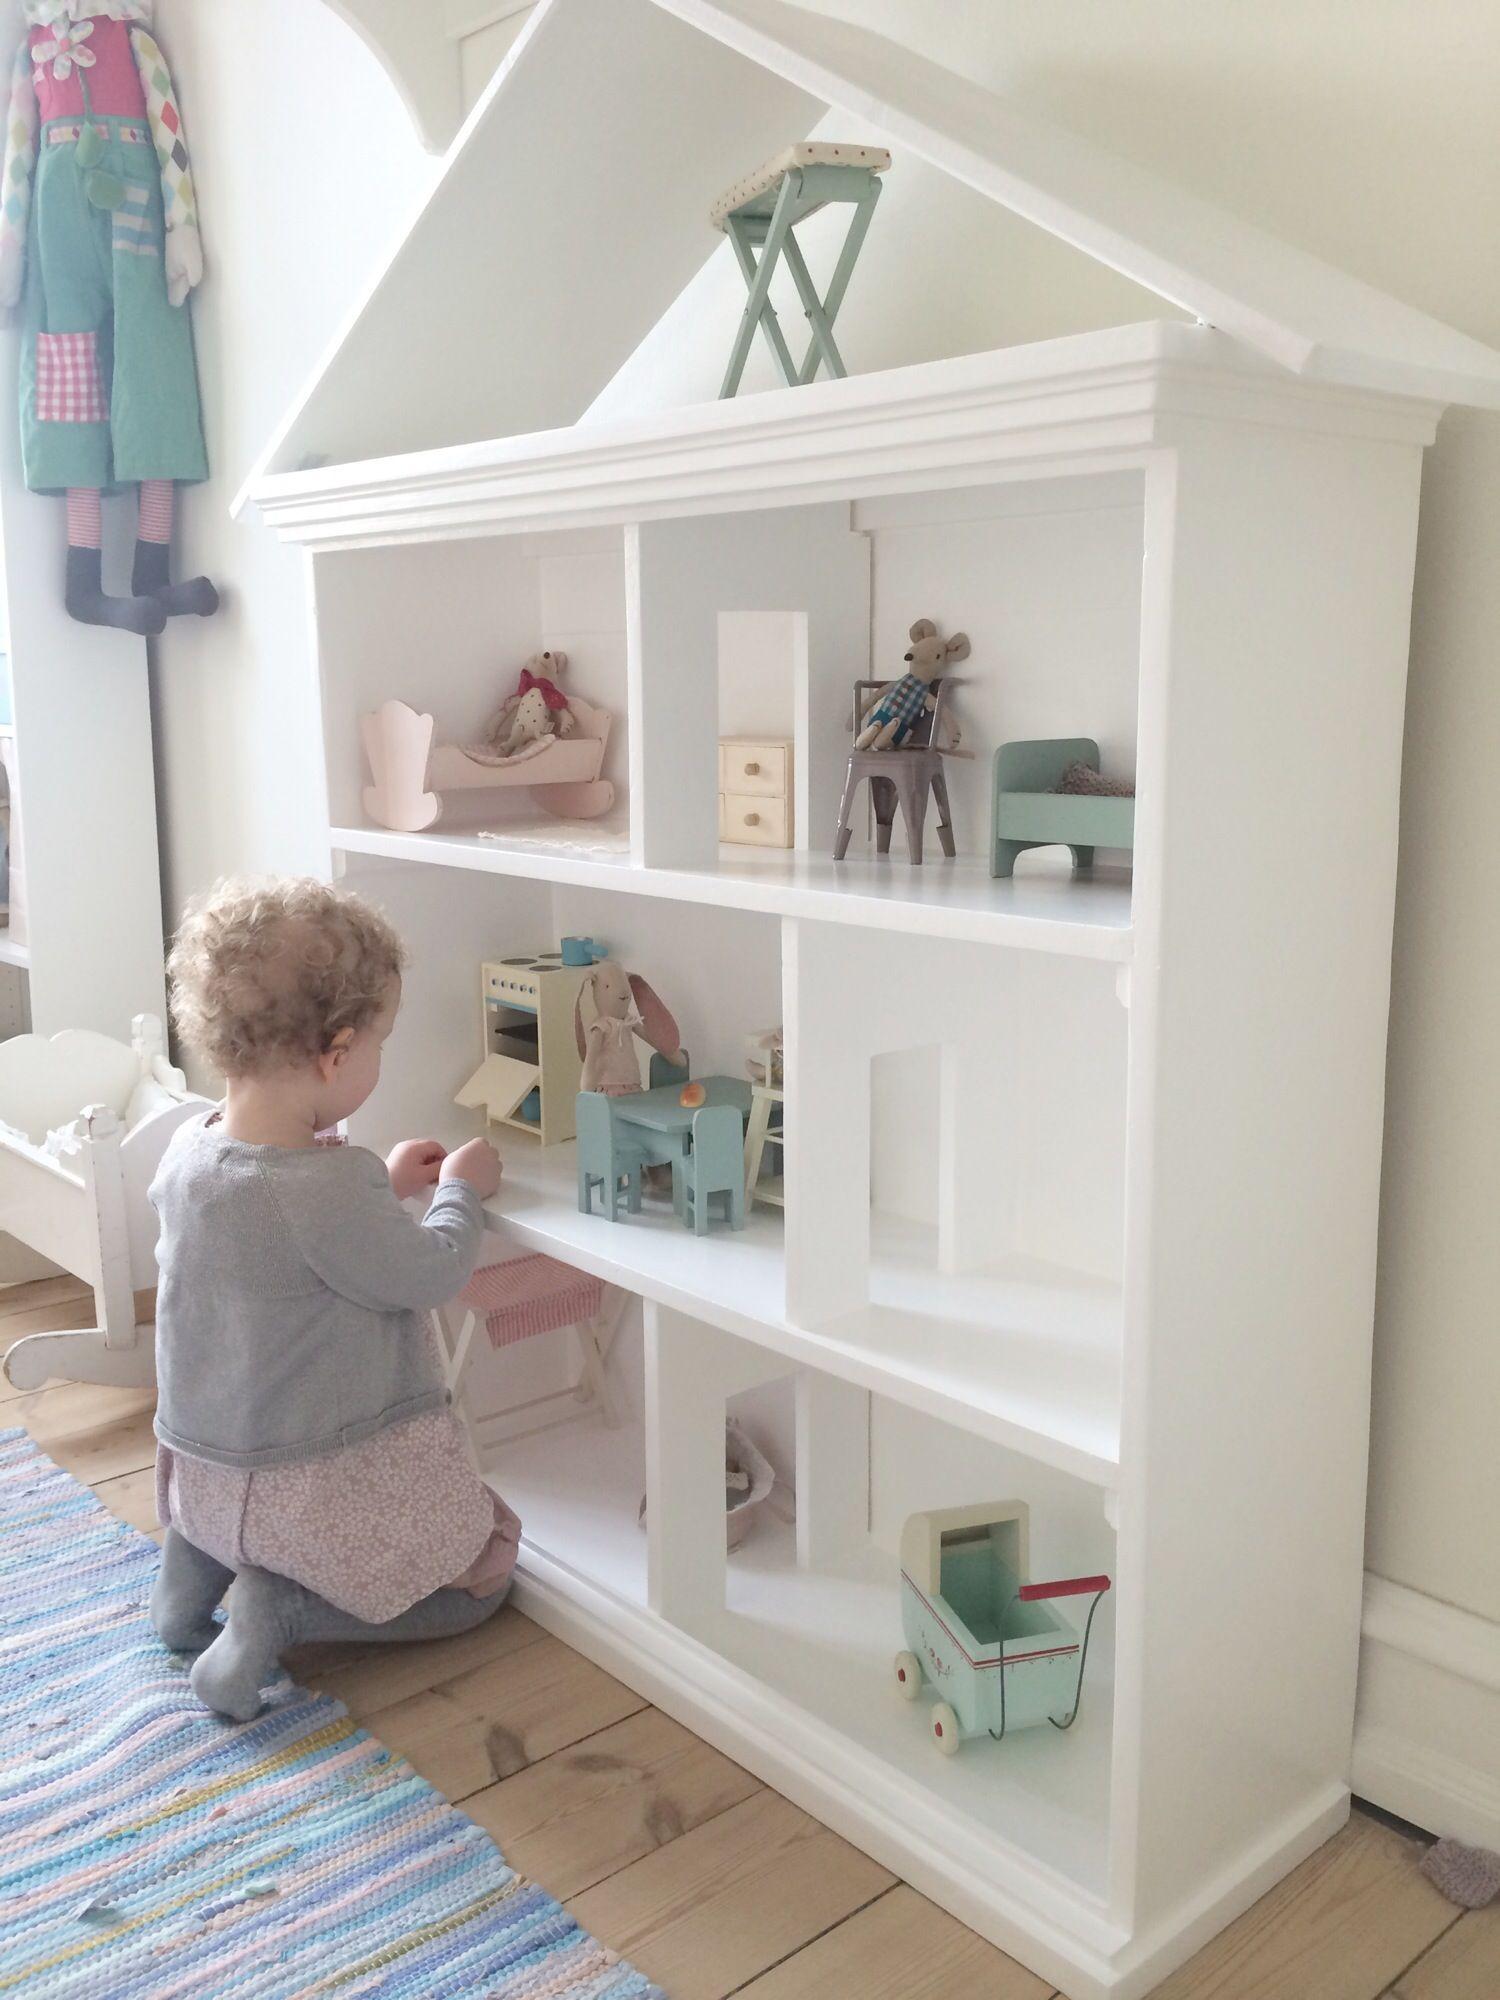 Drømme dukkehuset | Pinterest - Kinderkamer, Kinderkamers en Babykamer